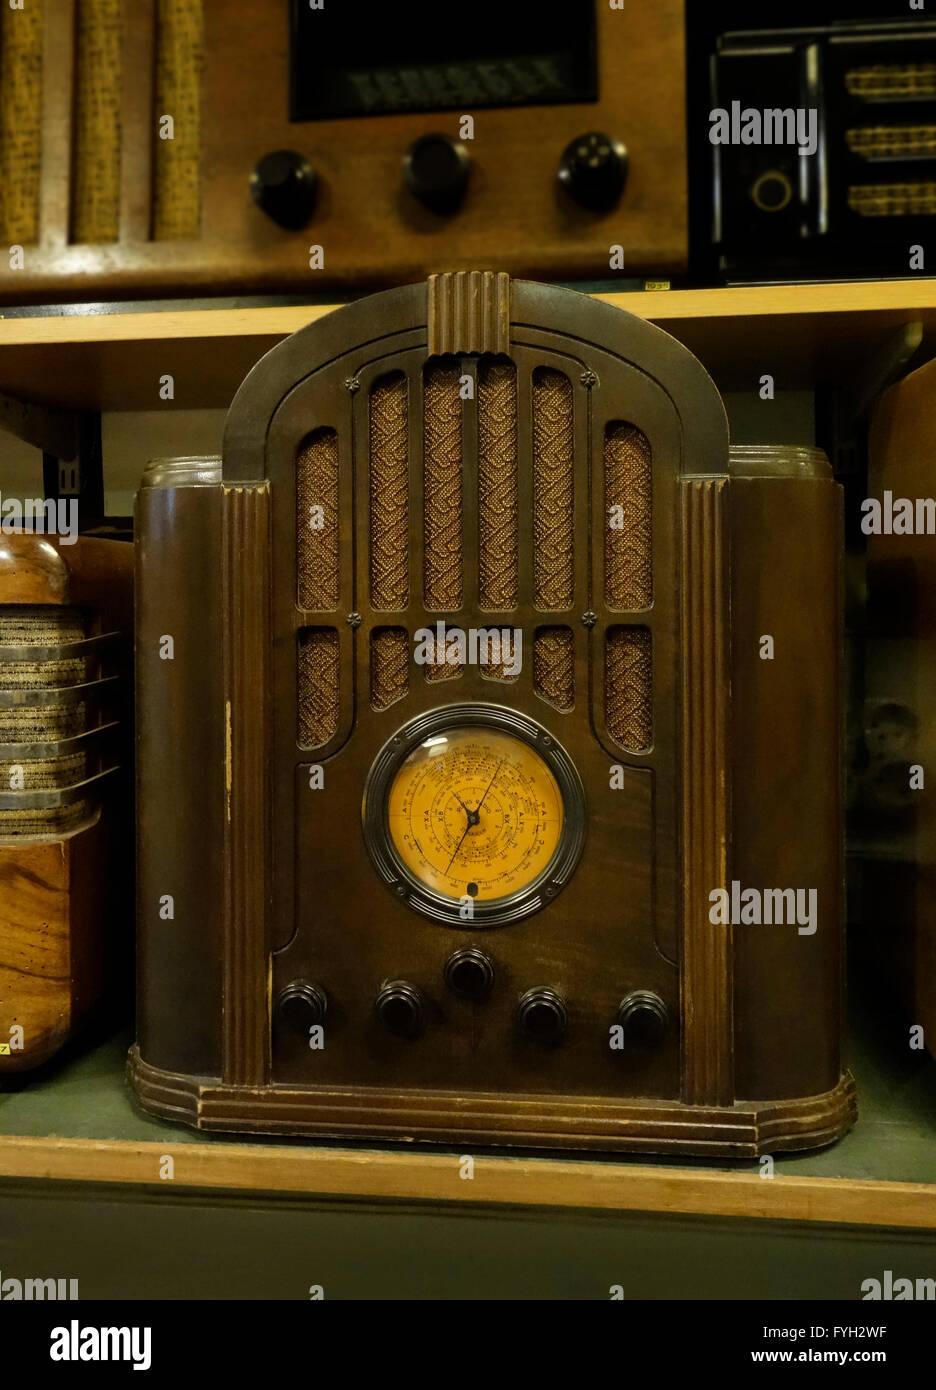 Radio receiver RCA Model 143  Tombstone Radio (1934) - Stock Image